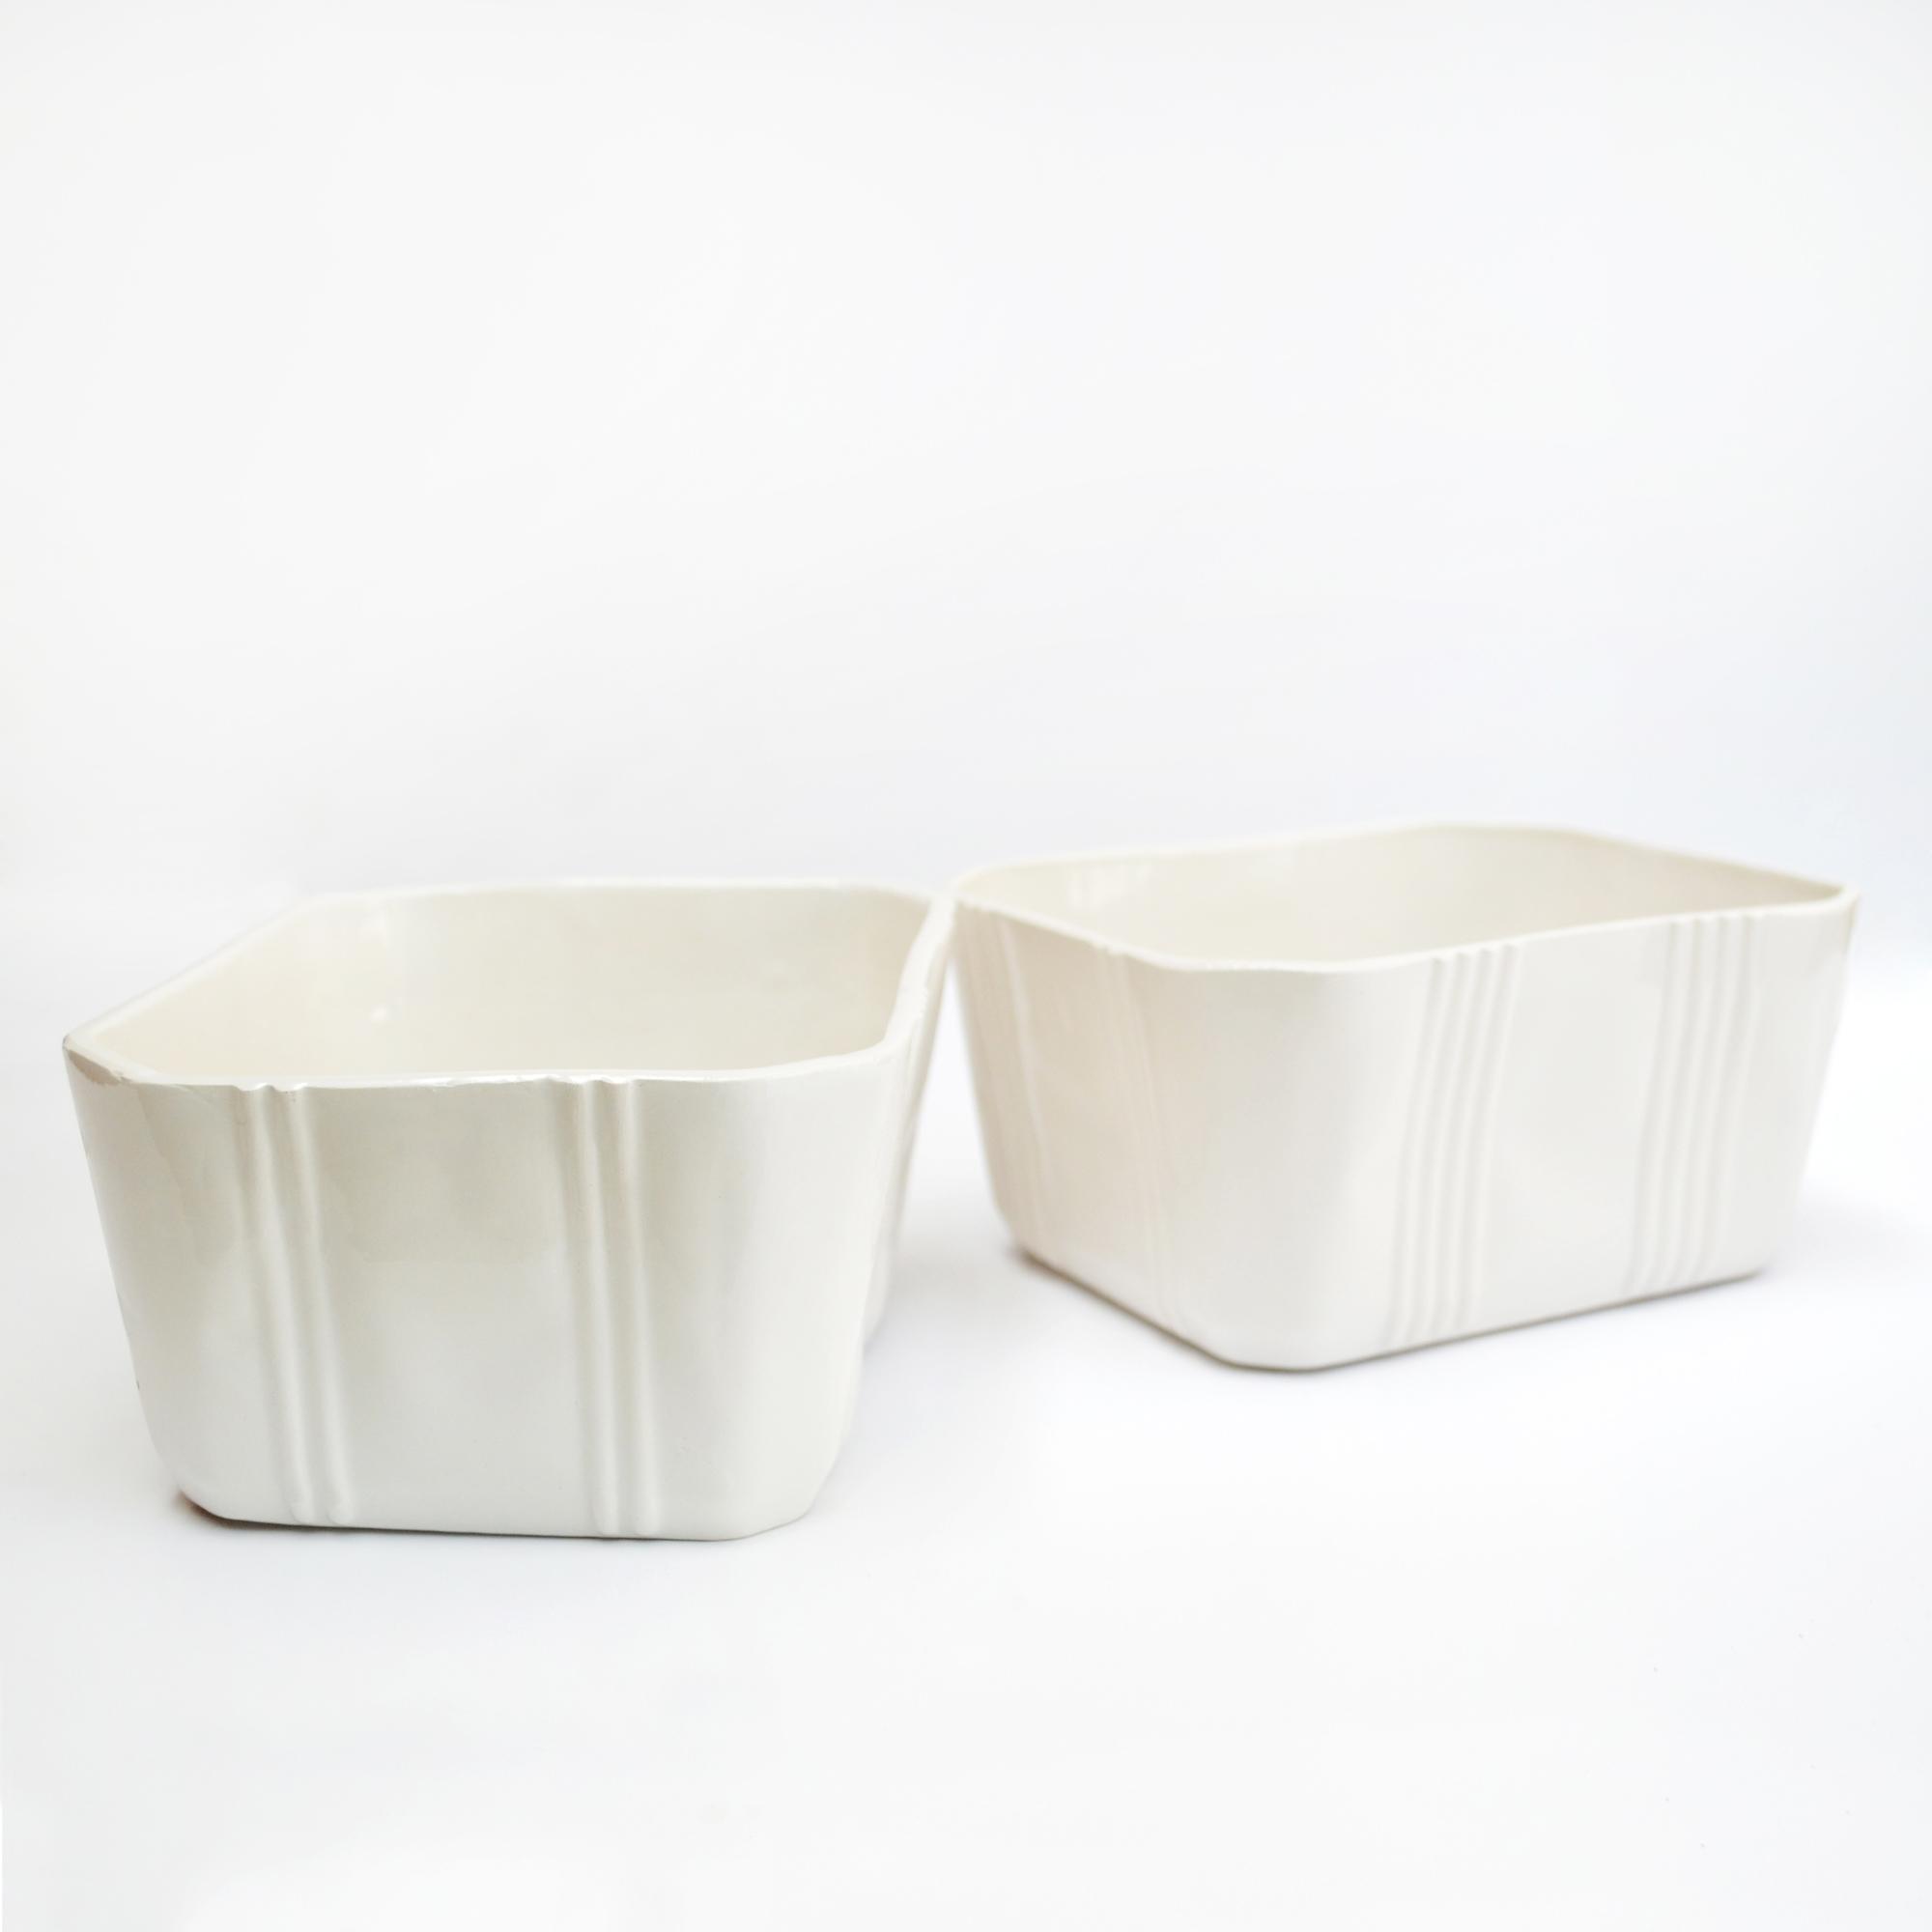 tuppers recipientes de diseño plastic reciclados hechos a mano diseño